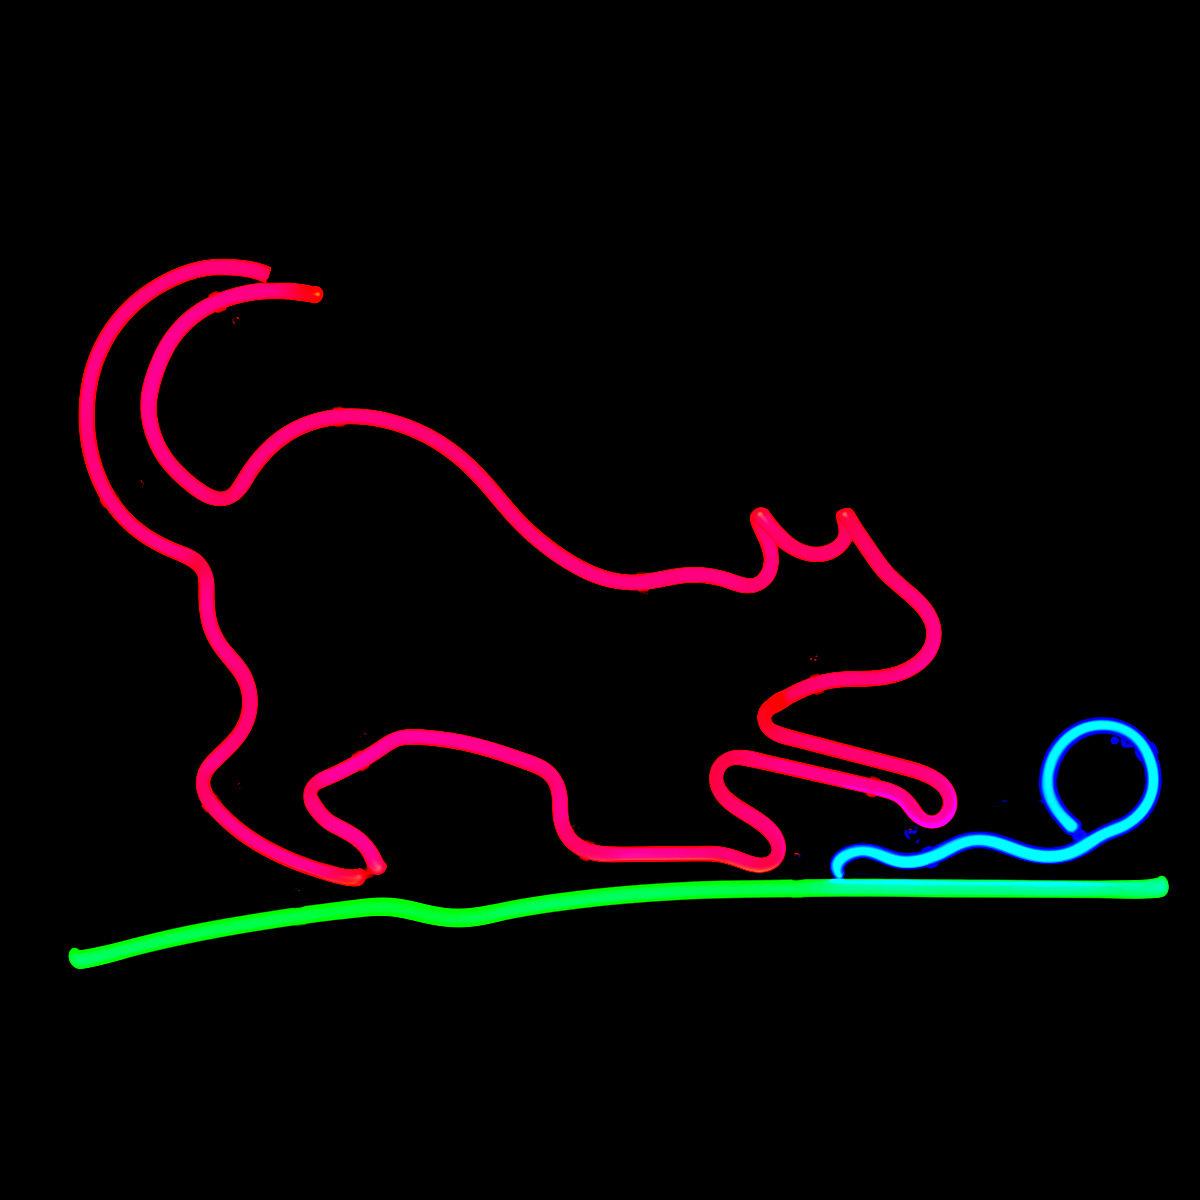 Kitten Neon Light Sculpture - BartonNeonMagic.com - Famous USA Neon Glass Artist